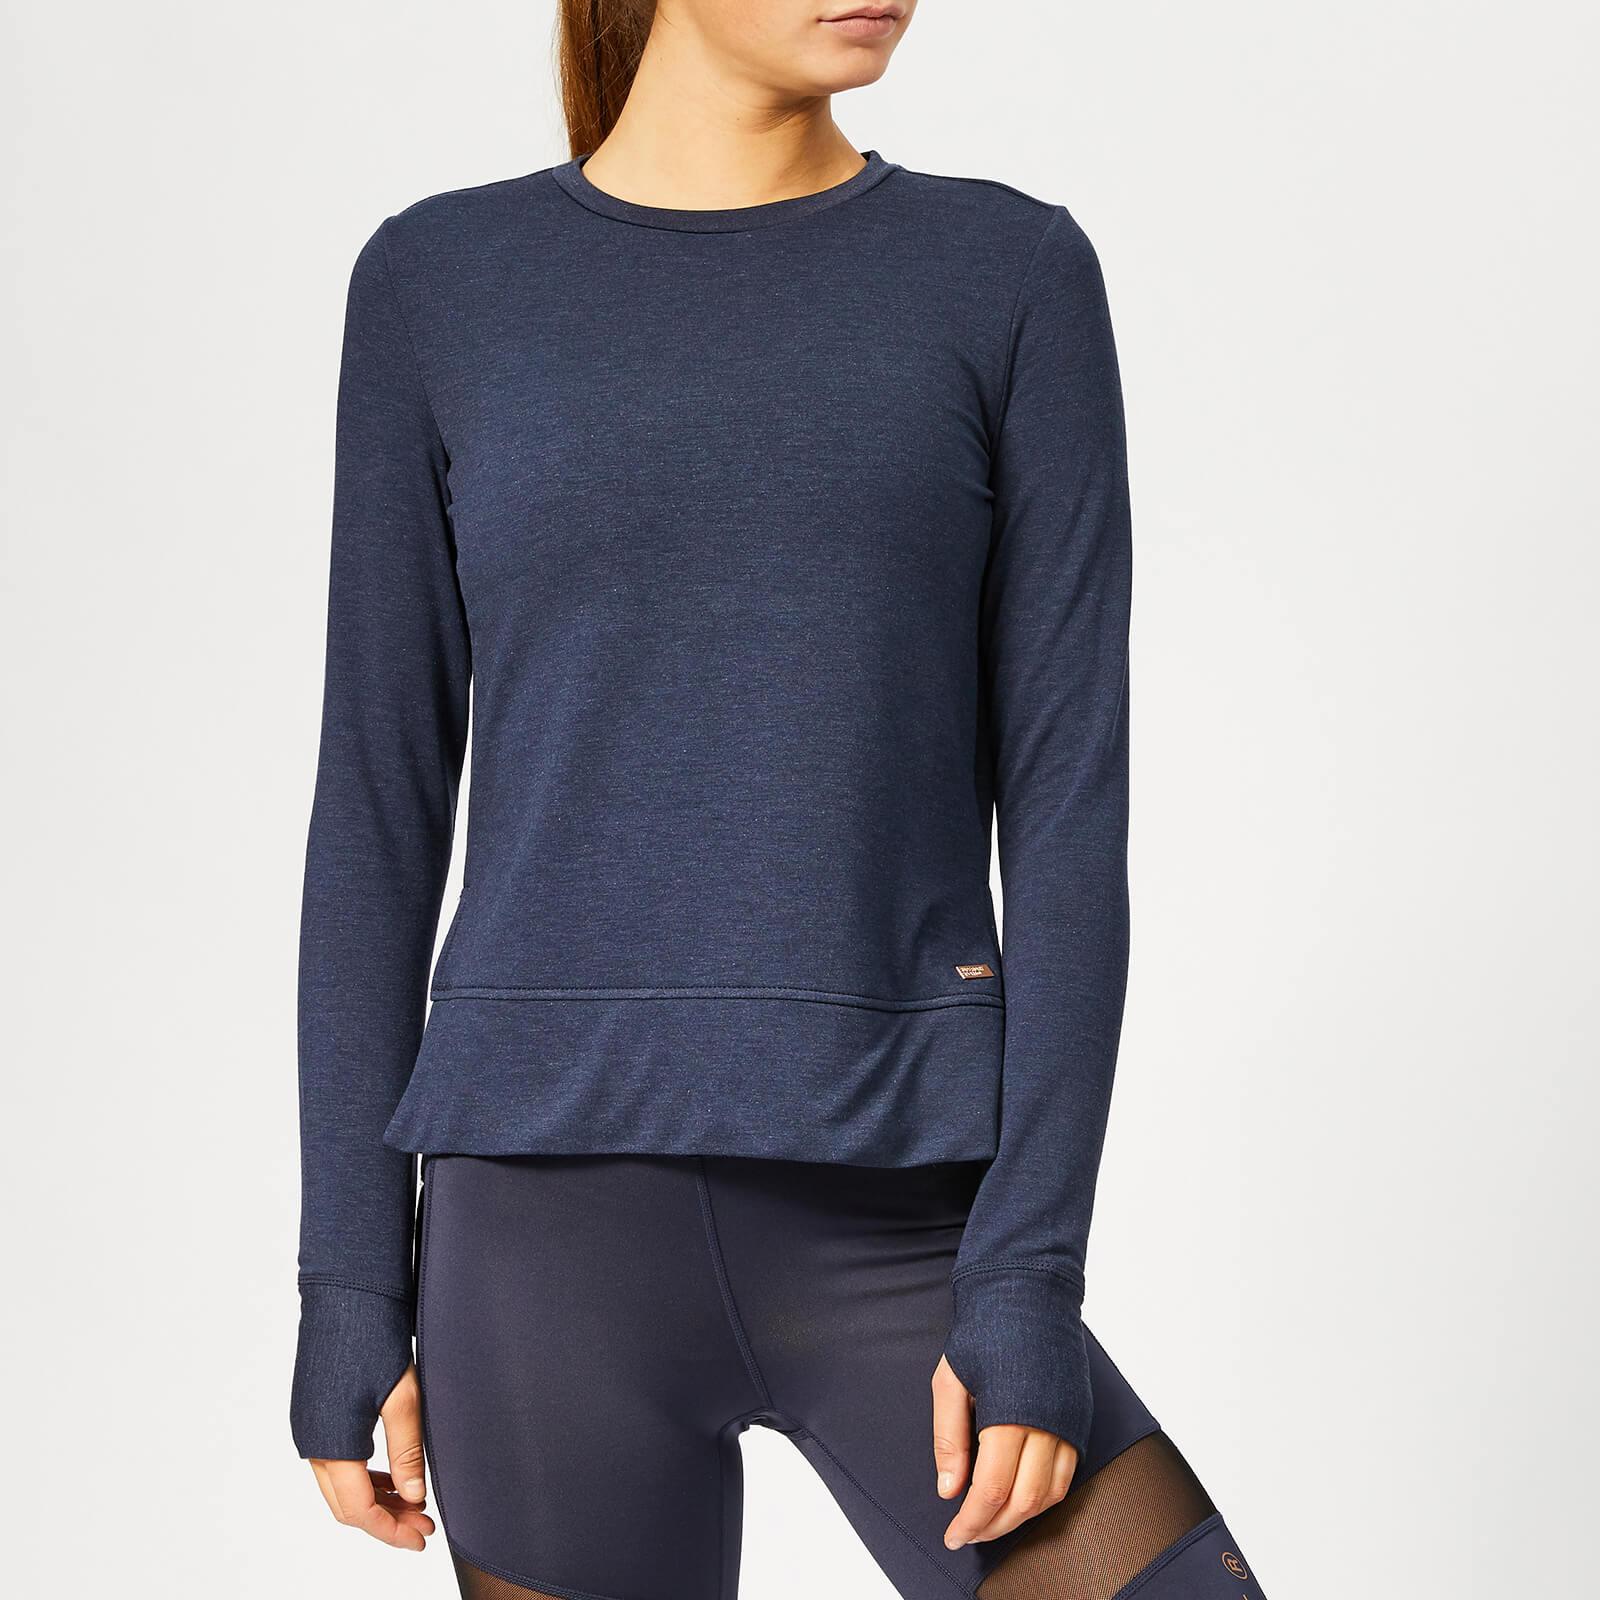 Superdry Sport Women's Active Mesh Studio Luxe Crew Neck Sweatshirt - Eclispe Navy Marl - S - Blue